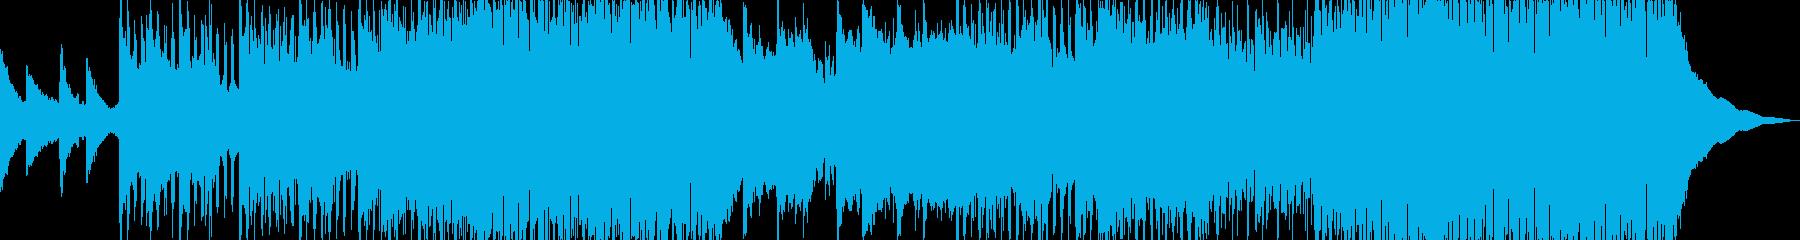 ティーン 人気のある電子機器 ハウ...の再生済みの波形